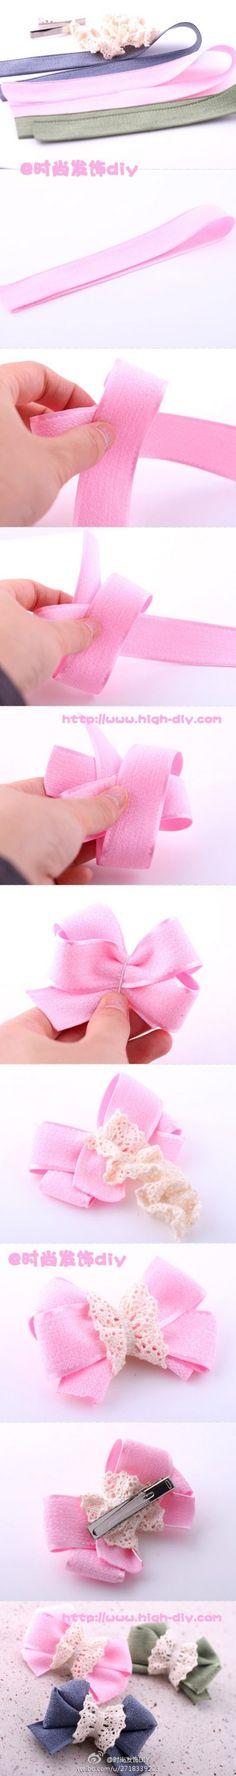 一根长丝带折几道,便做成这样美丽而简约的蝴蝶结,中间配上蕾丝,提亮不少哟~